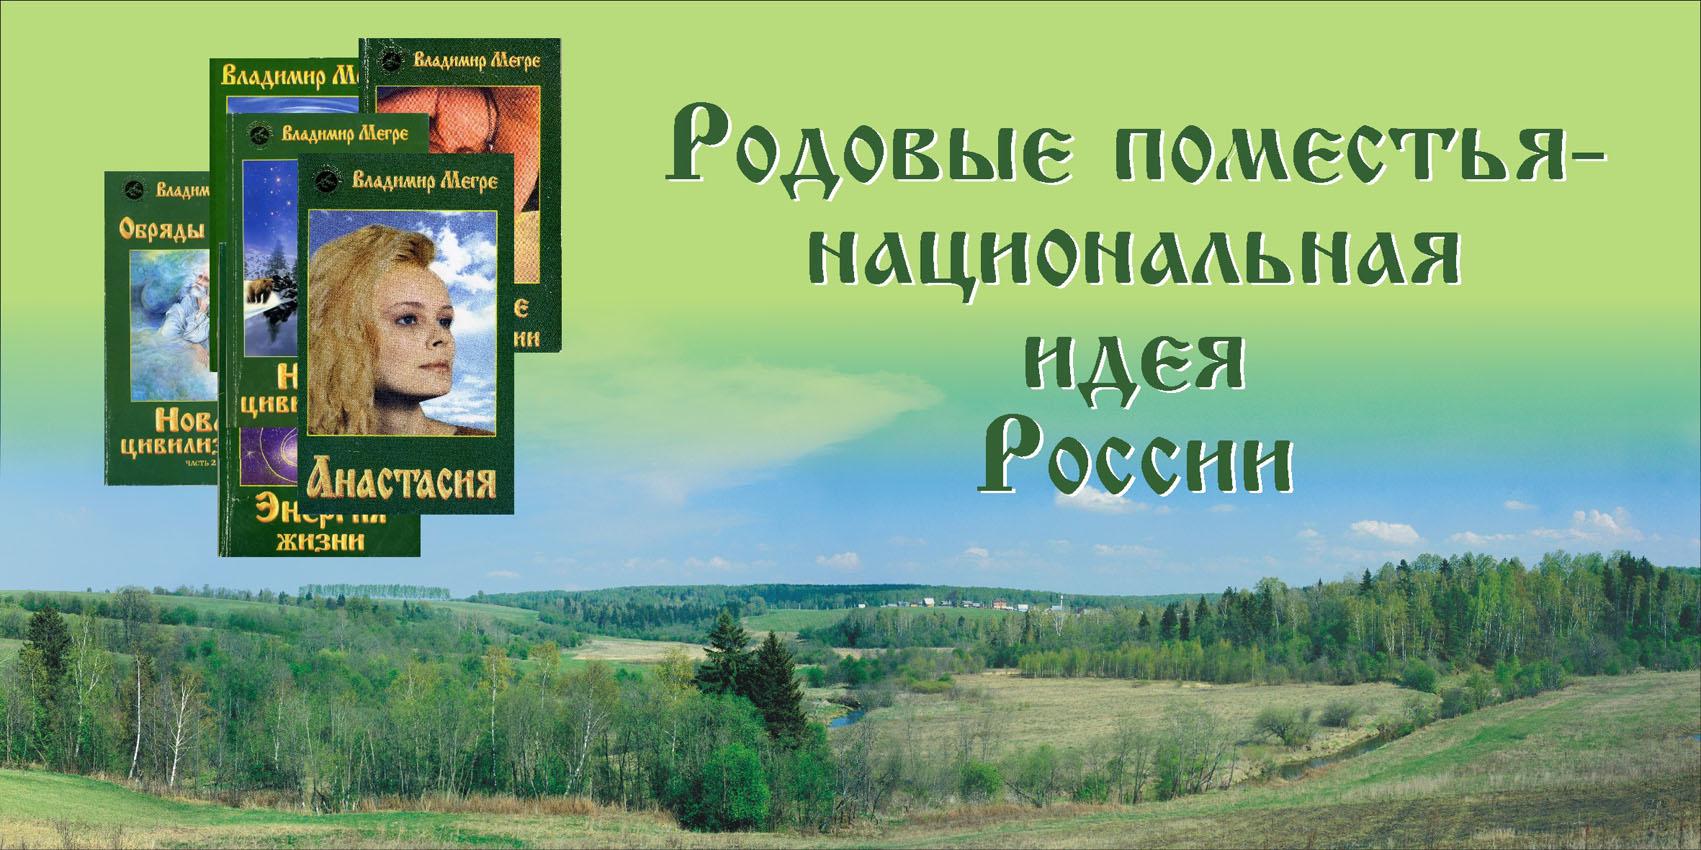 поместья - национальная идея России.jpg